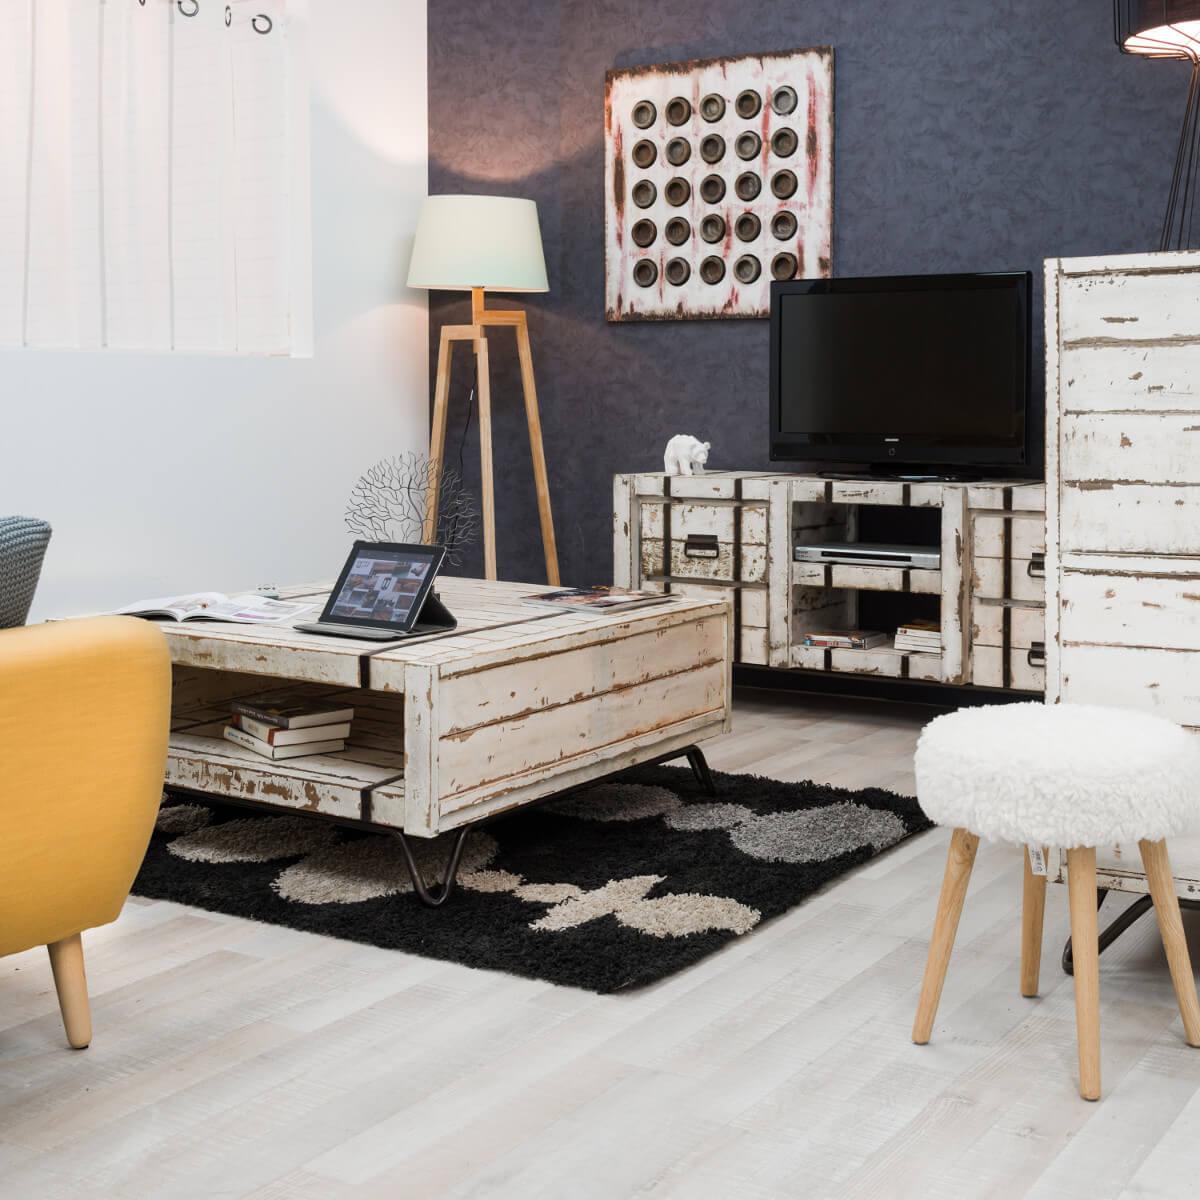 Table de salon rectangulaire en mindi loft blanc 100x105 - Table de salon rectangulaire ...